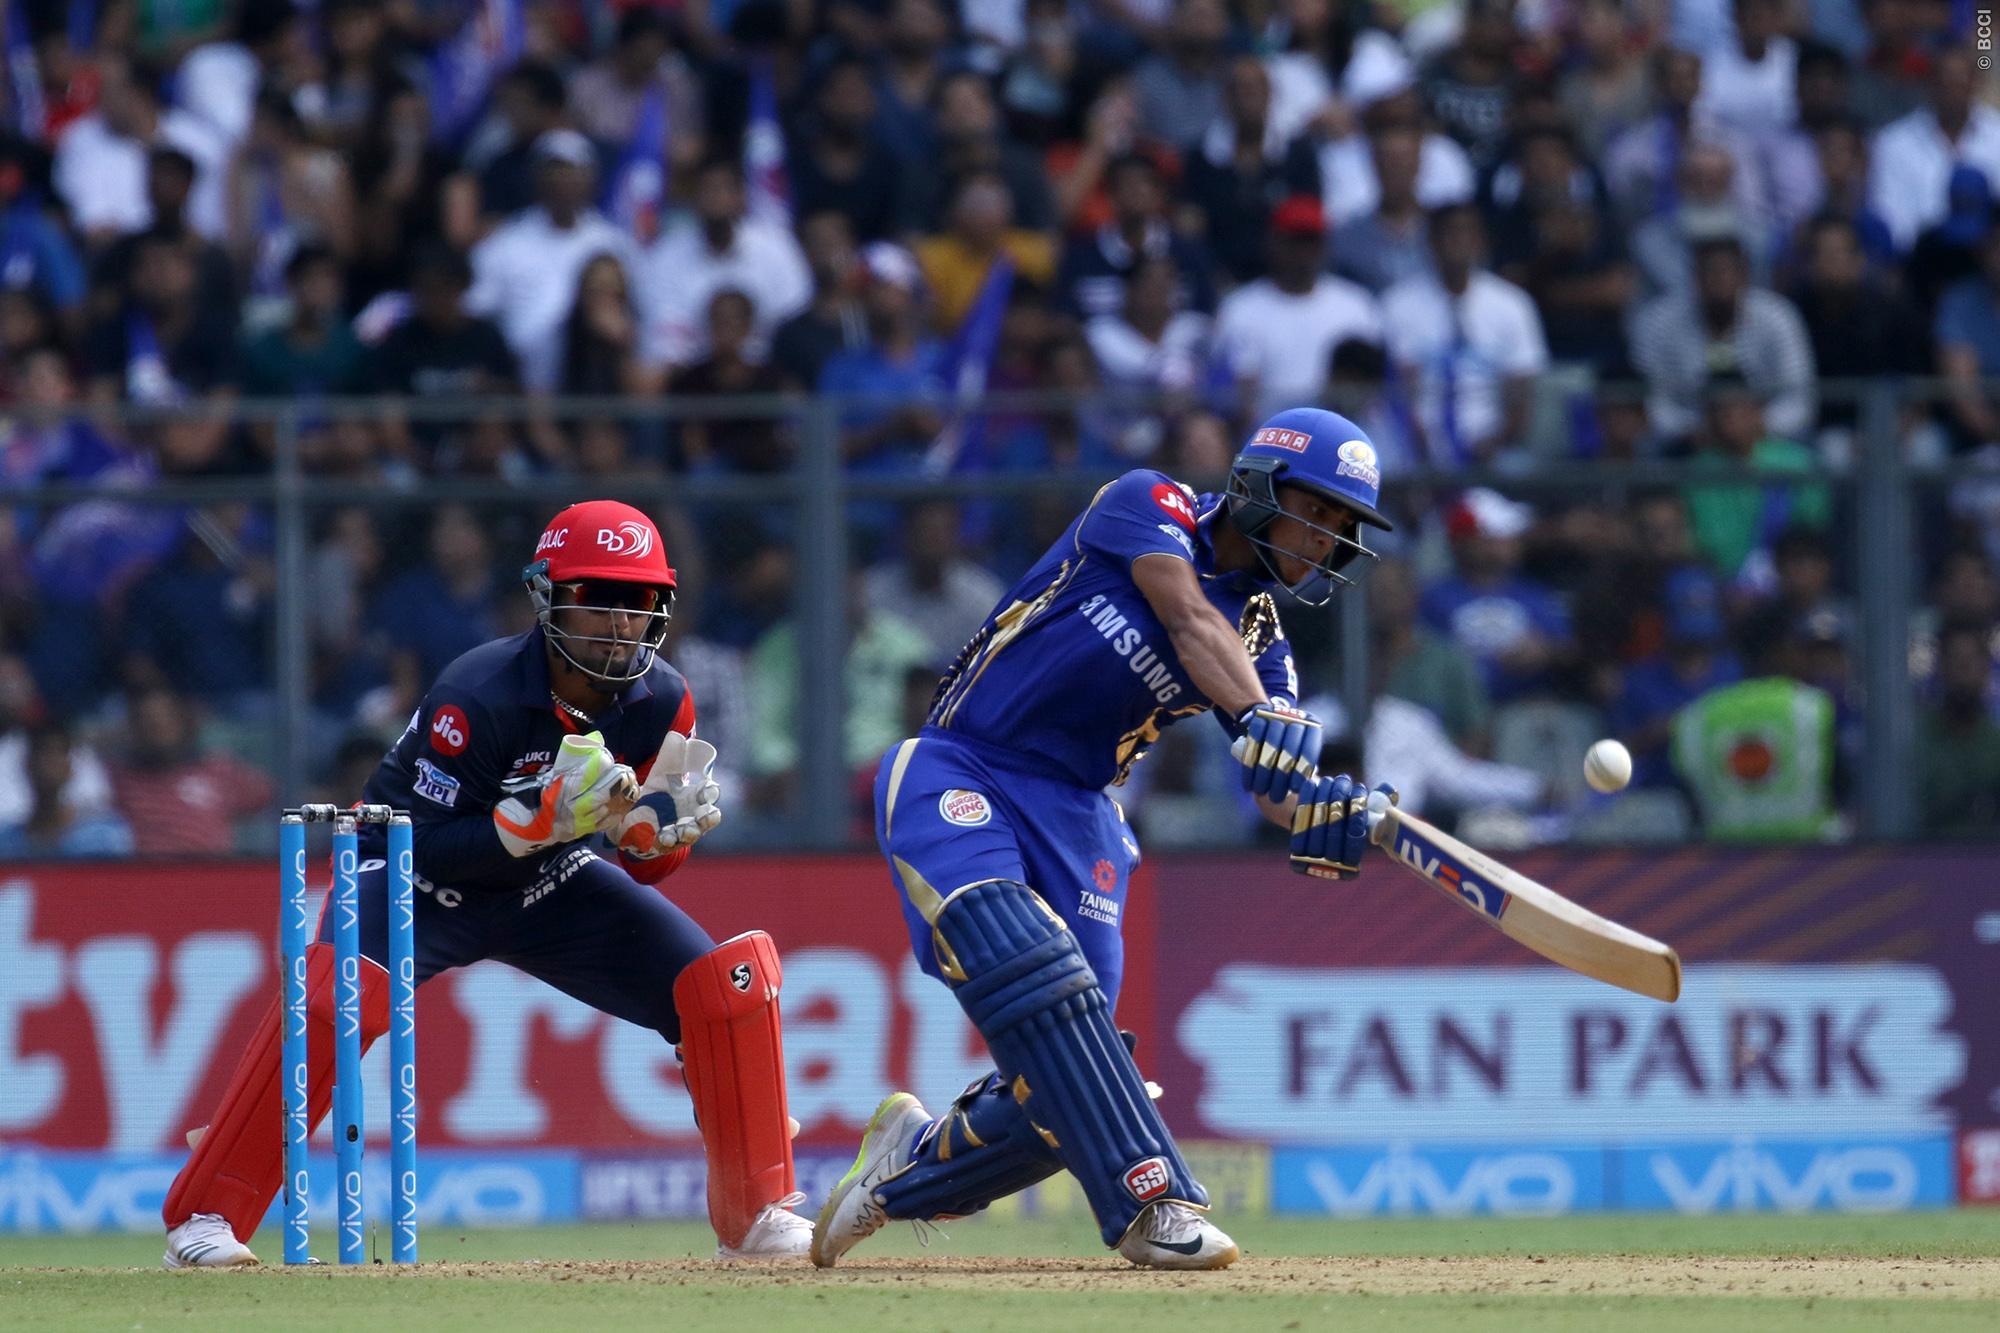 मैच रिपोर्ट: जेसन रॉय के तूफ़ान में उड़ी मुंबई, दिल्ली ने रोमांचक मुकाबले में 7 विकेट से दी करारी शिकस्त 1